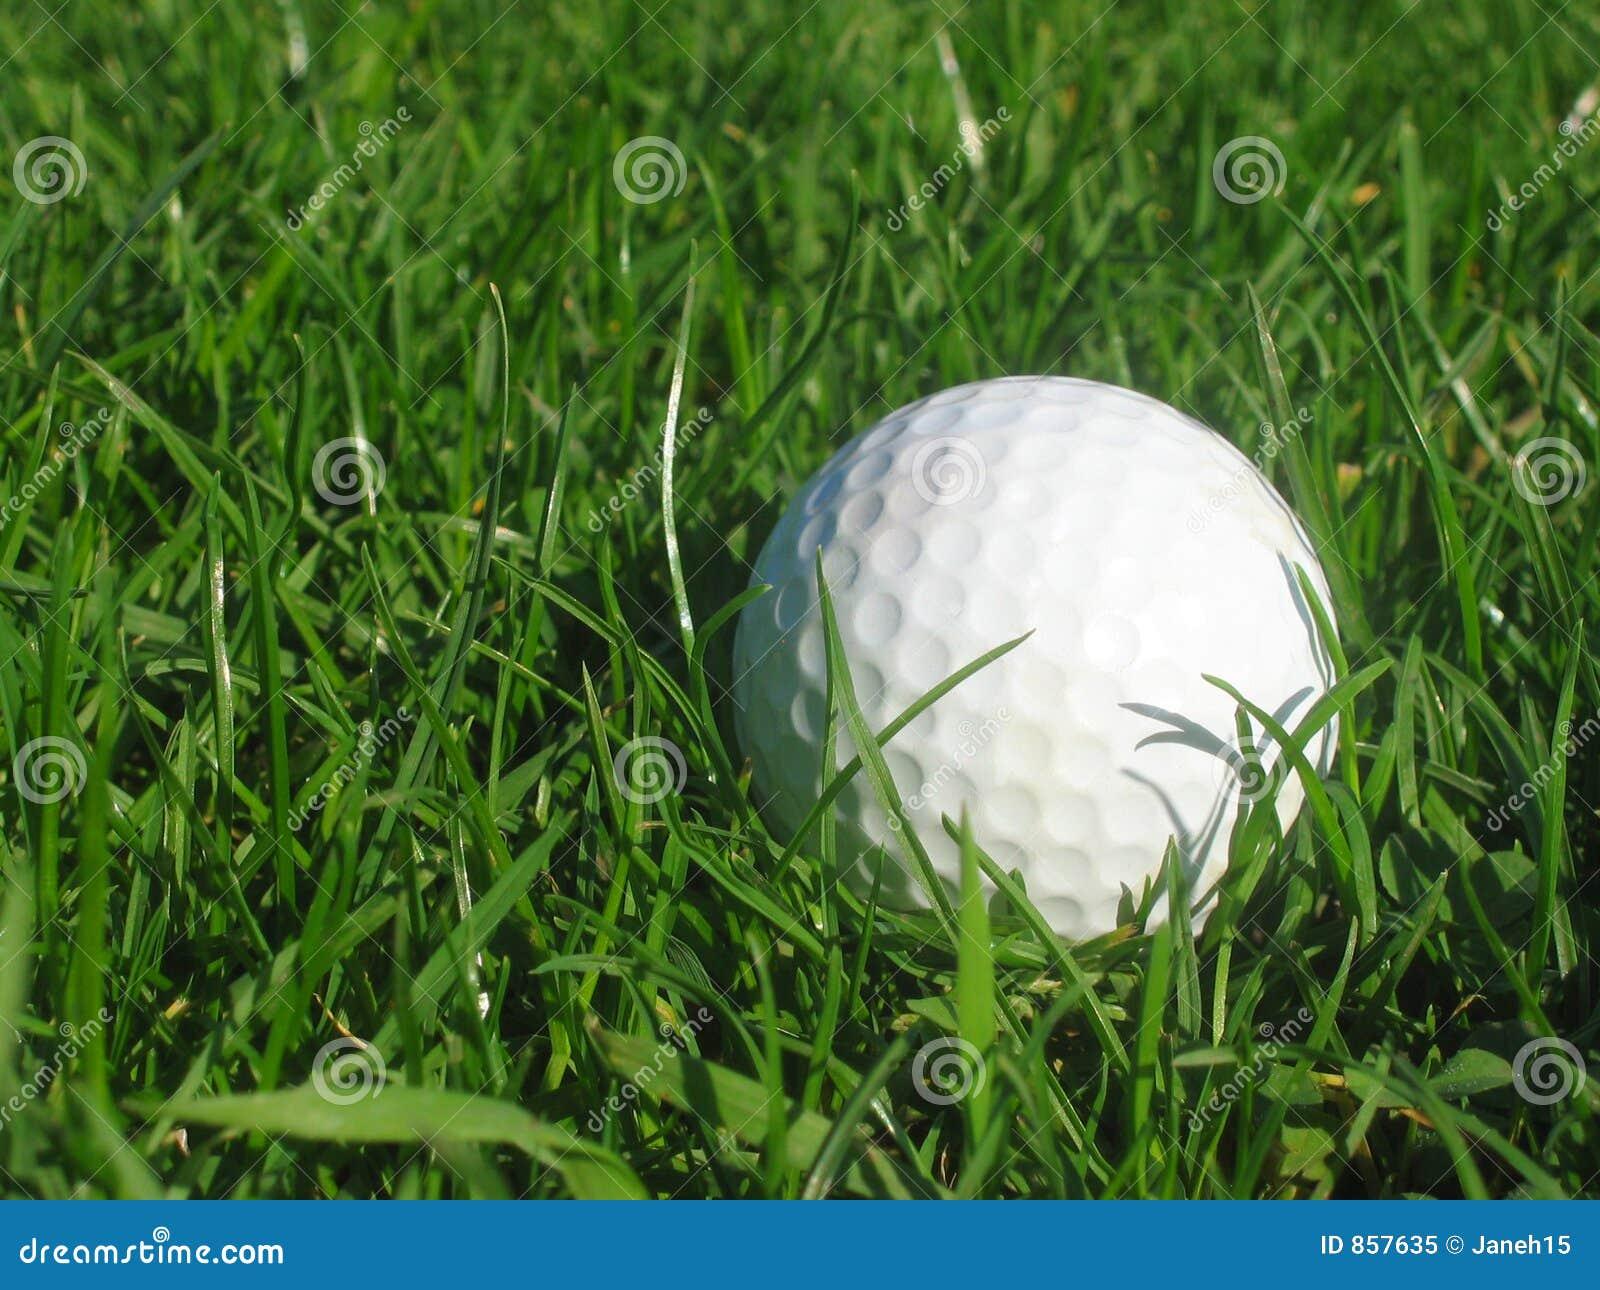 Golfball in erba